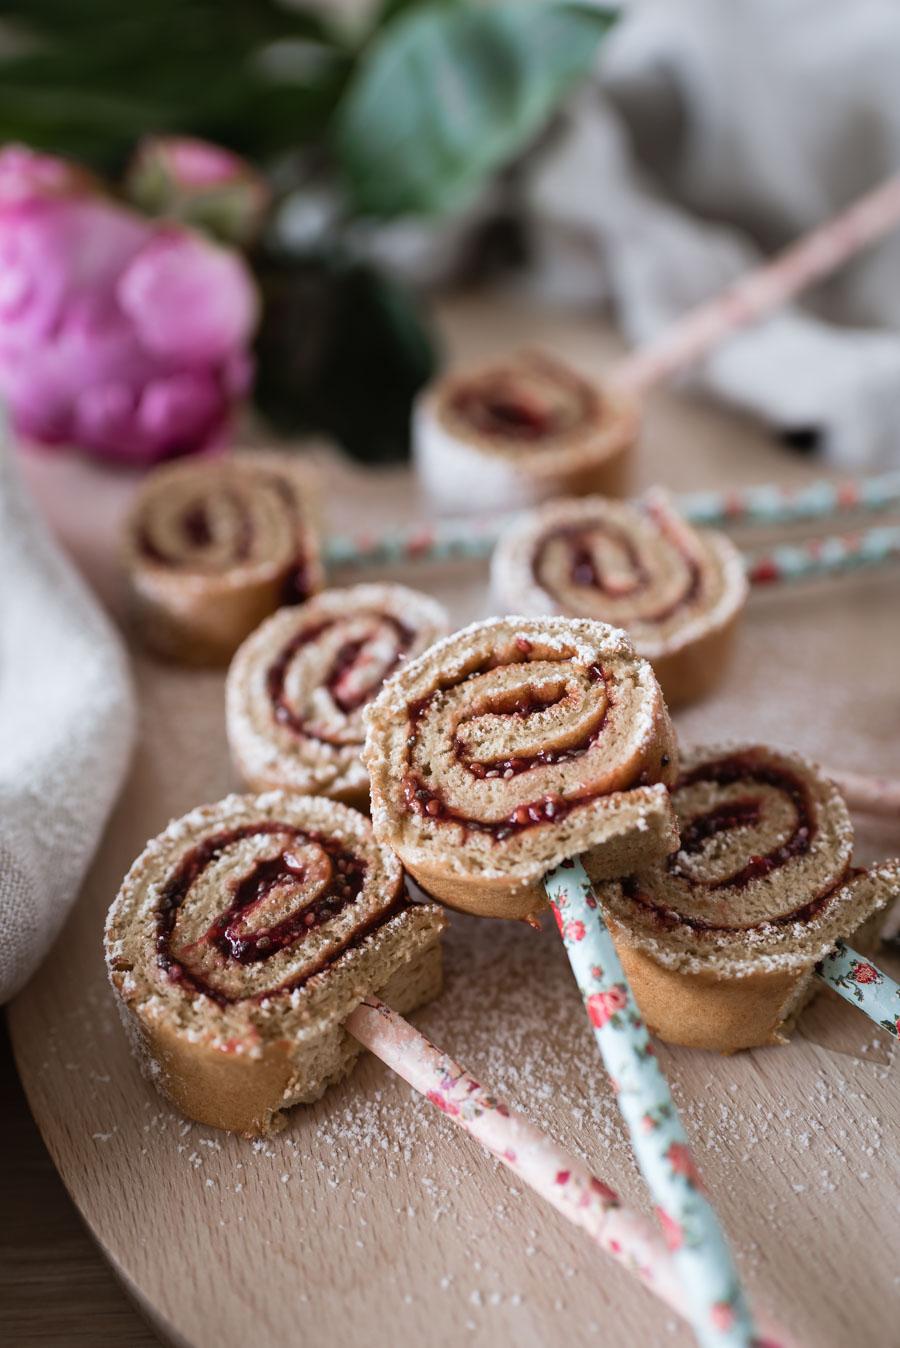 Kuchen am Stiel: Ein einfaches und schnelles Rezept für Kuchen-Lollies #kuchen #cakepops #backen #rezept #kindergeburtstag #kindergeburtstagskuchen